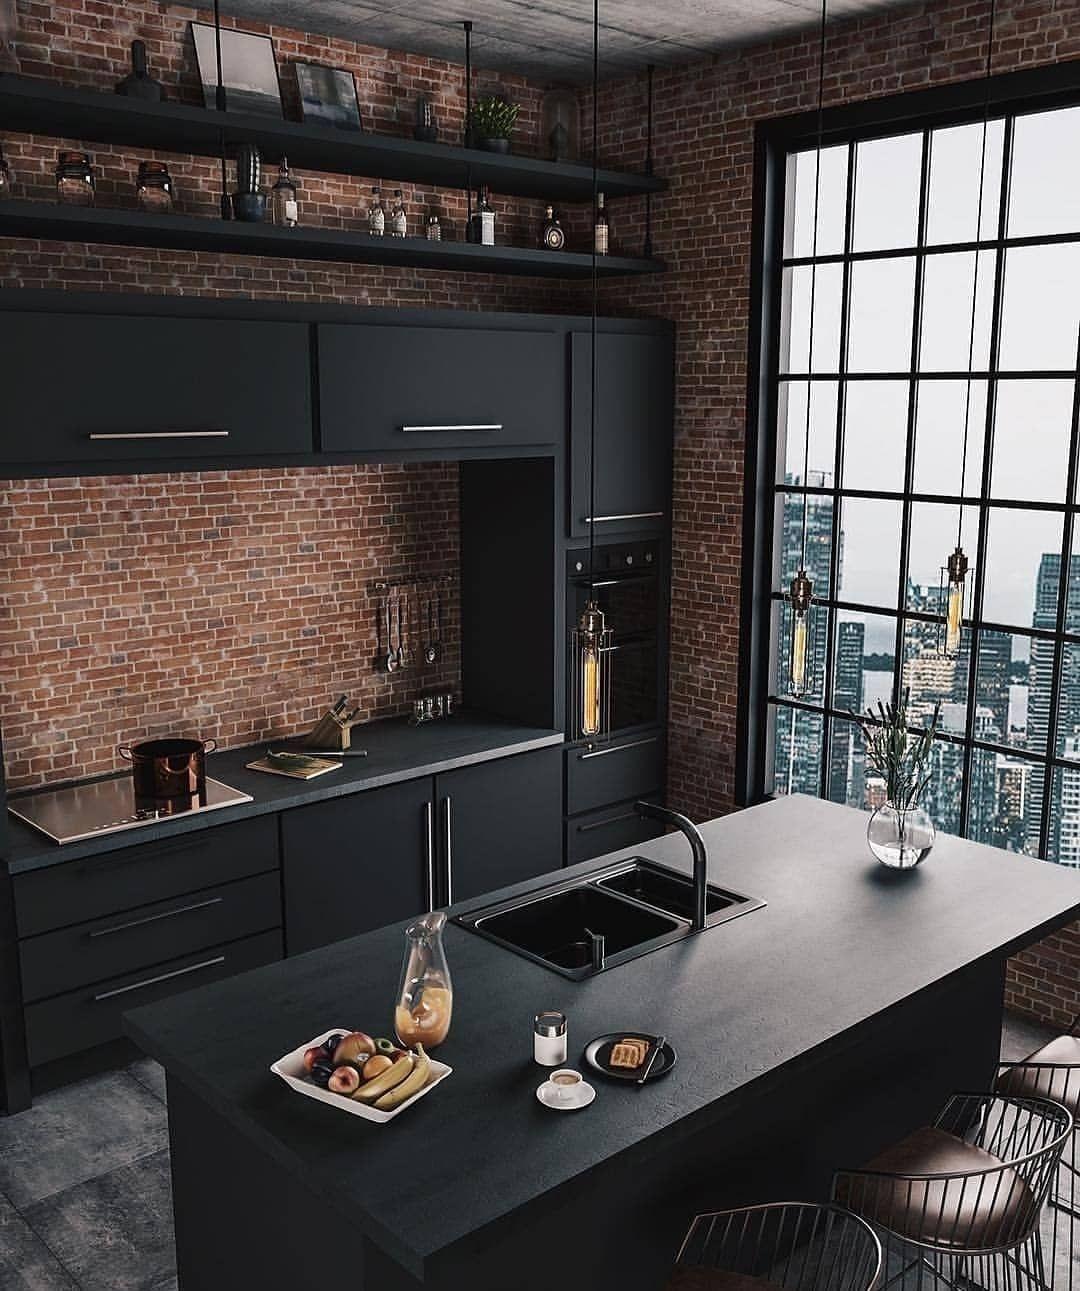 Interior design inspiration on instagram   homeinteriordaily industrial kitchen visualized by carolinencheski from florianopolis brazil also rh pinterest